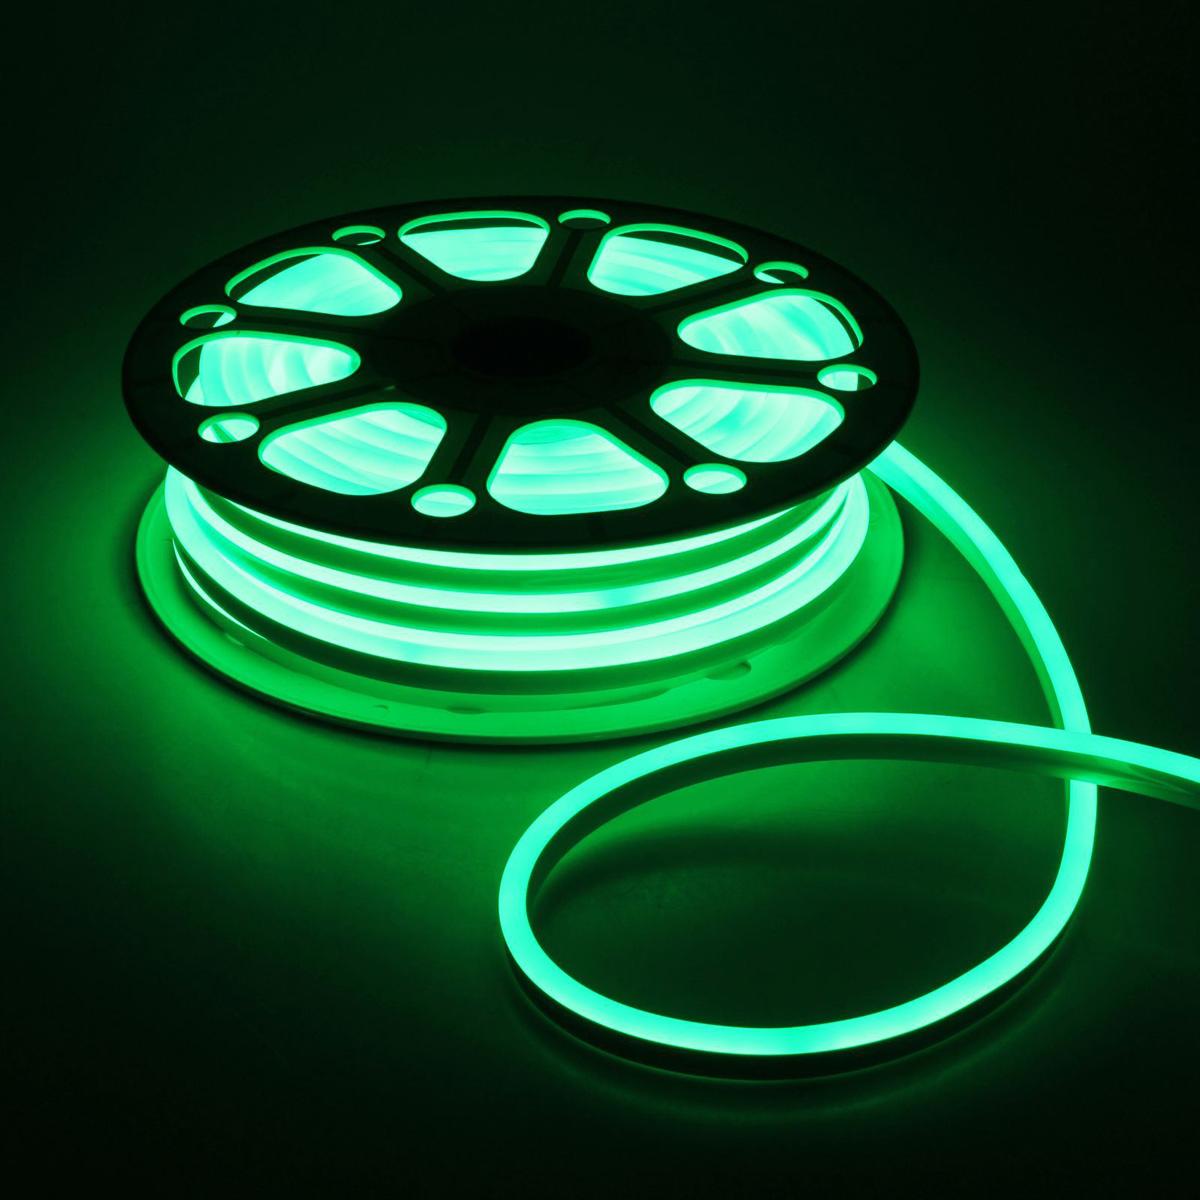 Гирлянда светодиодная Luazon, 120 ламп, 220 V, цвет: зеленый, 0,8 см х 1,6 см х 25 м. 14312531431253Светодиодные гирлянды, ленты и т.д — это отличный вариант для новогоднего оформления интерьера или фасада. С их помощью помещение любого размера можно превратить в праздничный зал, а внешние элементы зданий, украшенные ими, мгновенно станут напоминать очертания сказочного дворца. Такие украшения создают ауру предвкушения чуда. Деревья, фасады, витрины, окна и арки будто специально созданы, чтобы вы украсили их светящимися нитями.